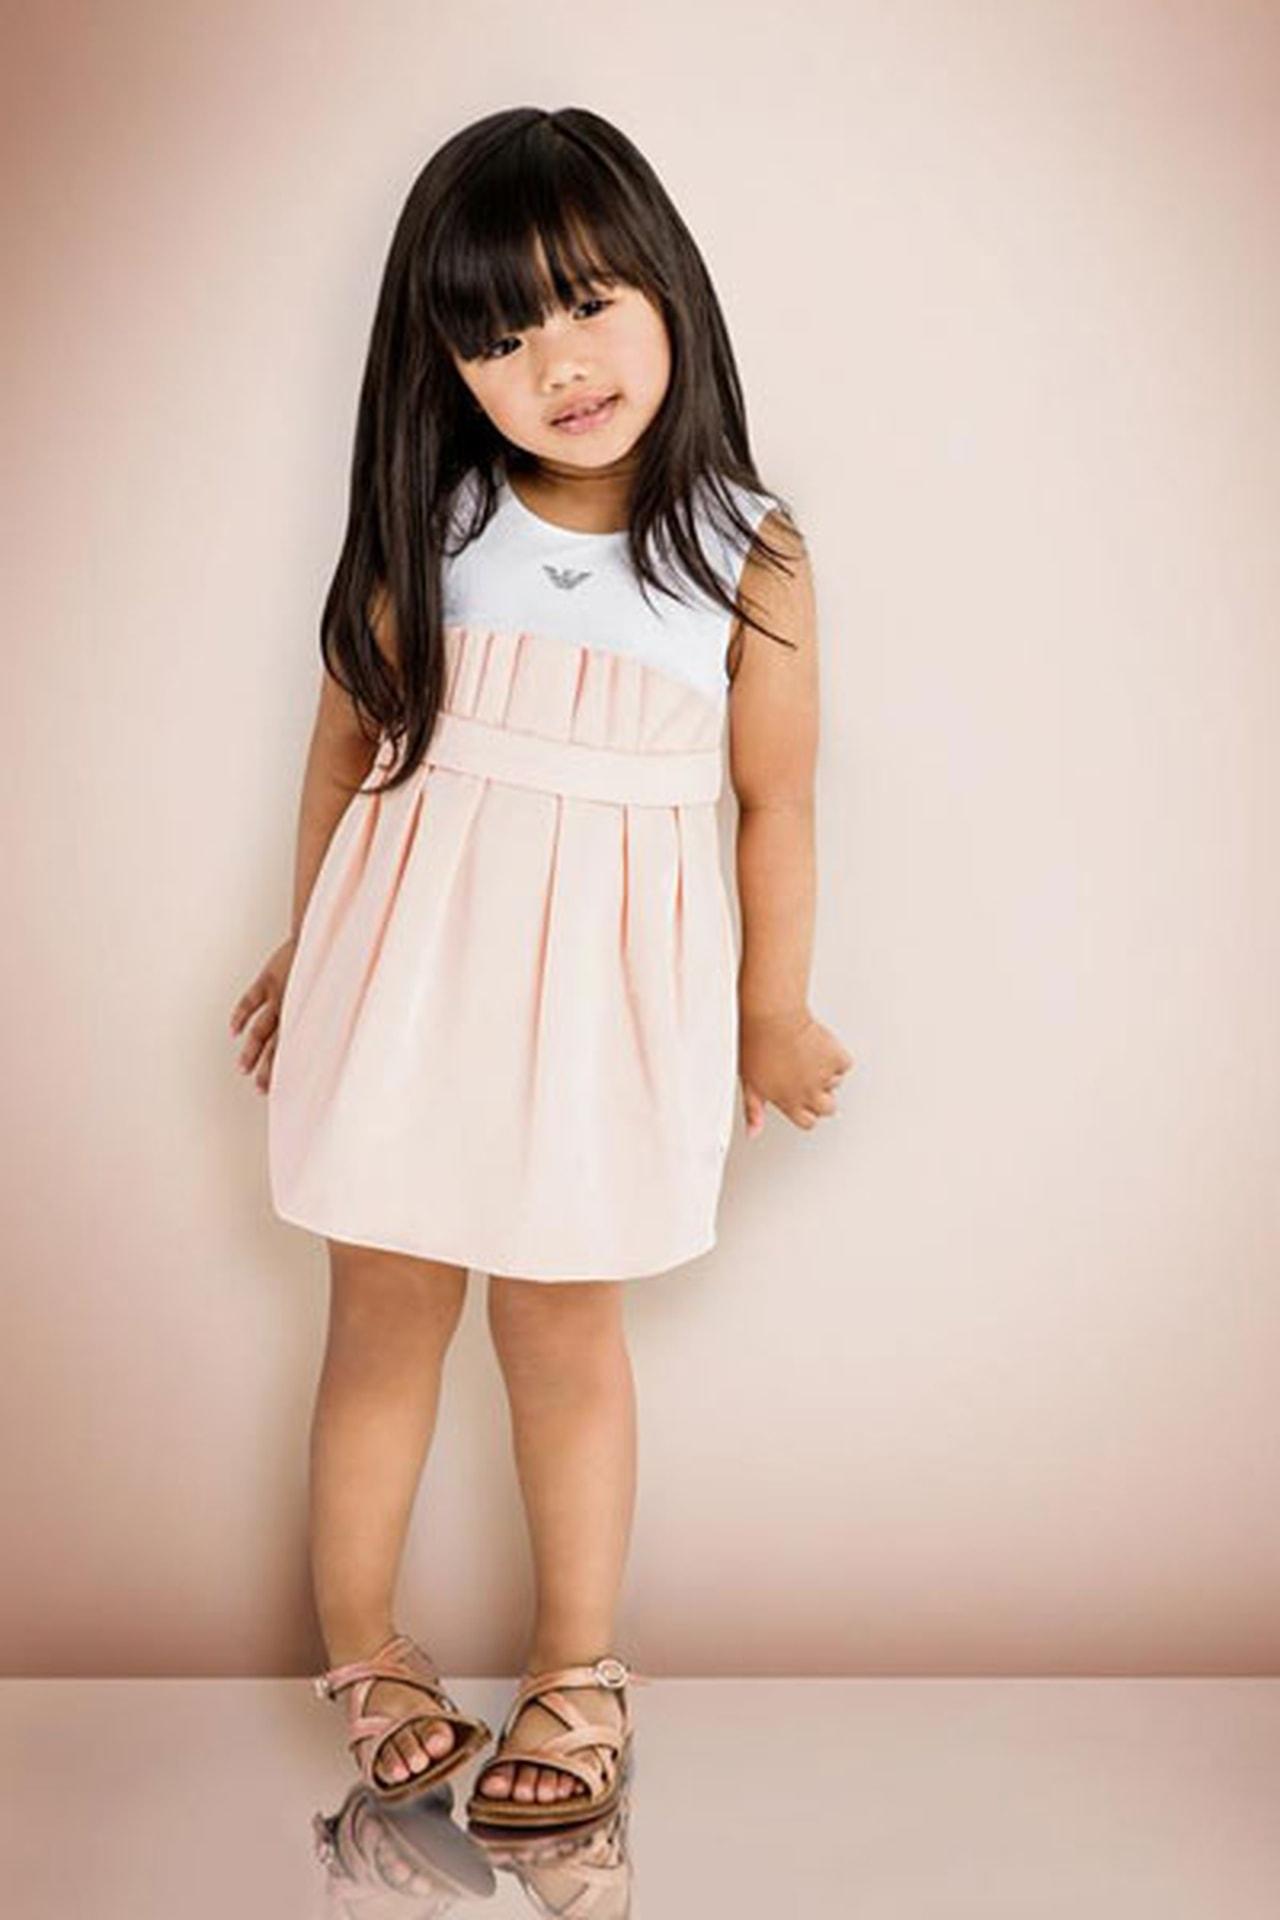 صورة ملابس جميله للاطفال , احدث موديل لملابس الاطفال